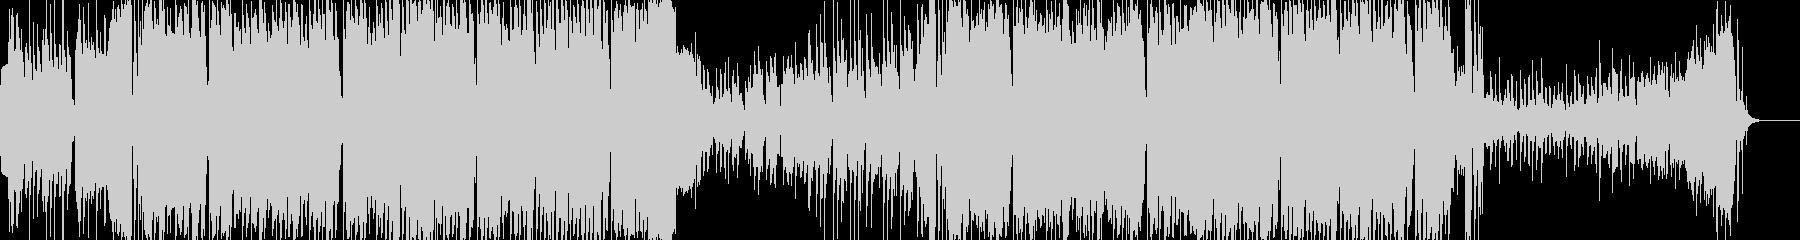 ドラム & ベース ジャングル 積...の未再生の波形